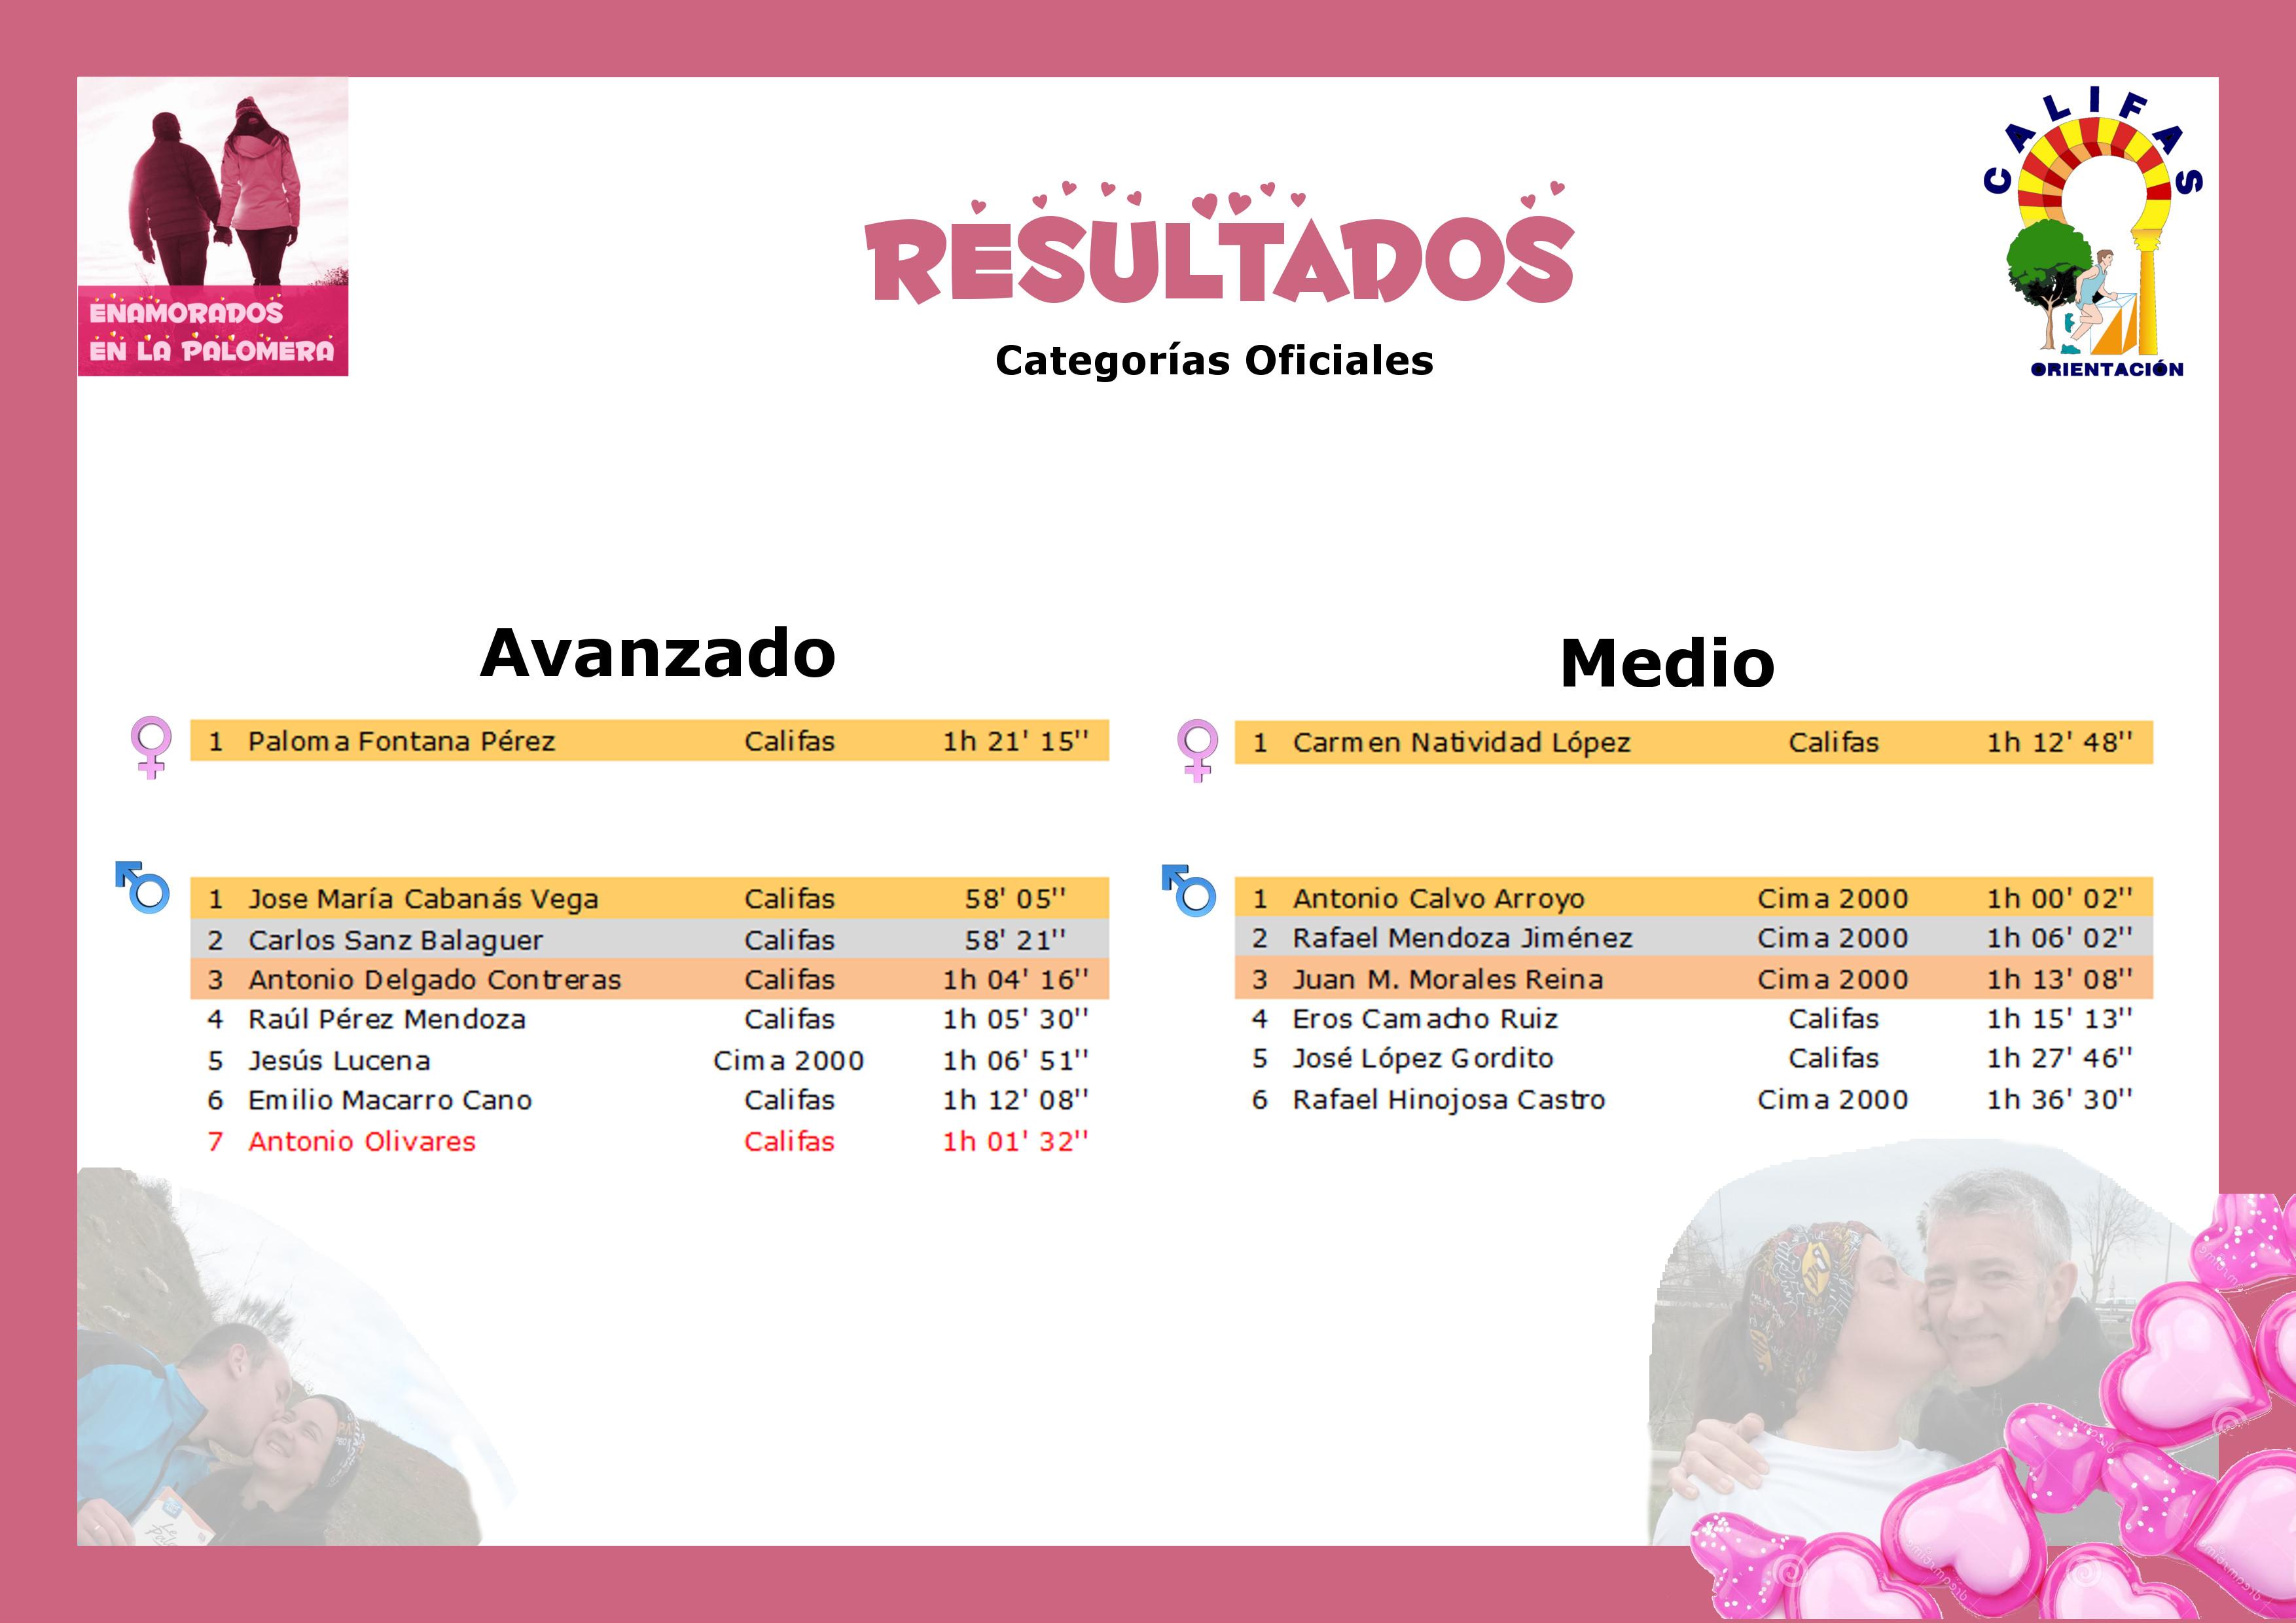 resultados oficiales